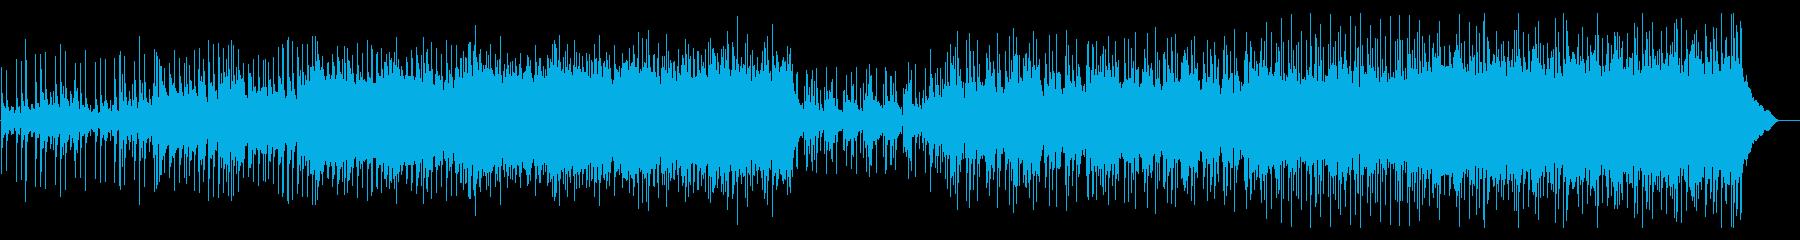 トイピアノの音が印象的な明るいポップスの再生済みの波形